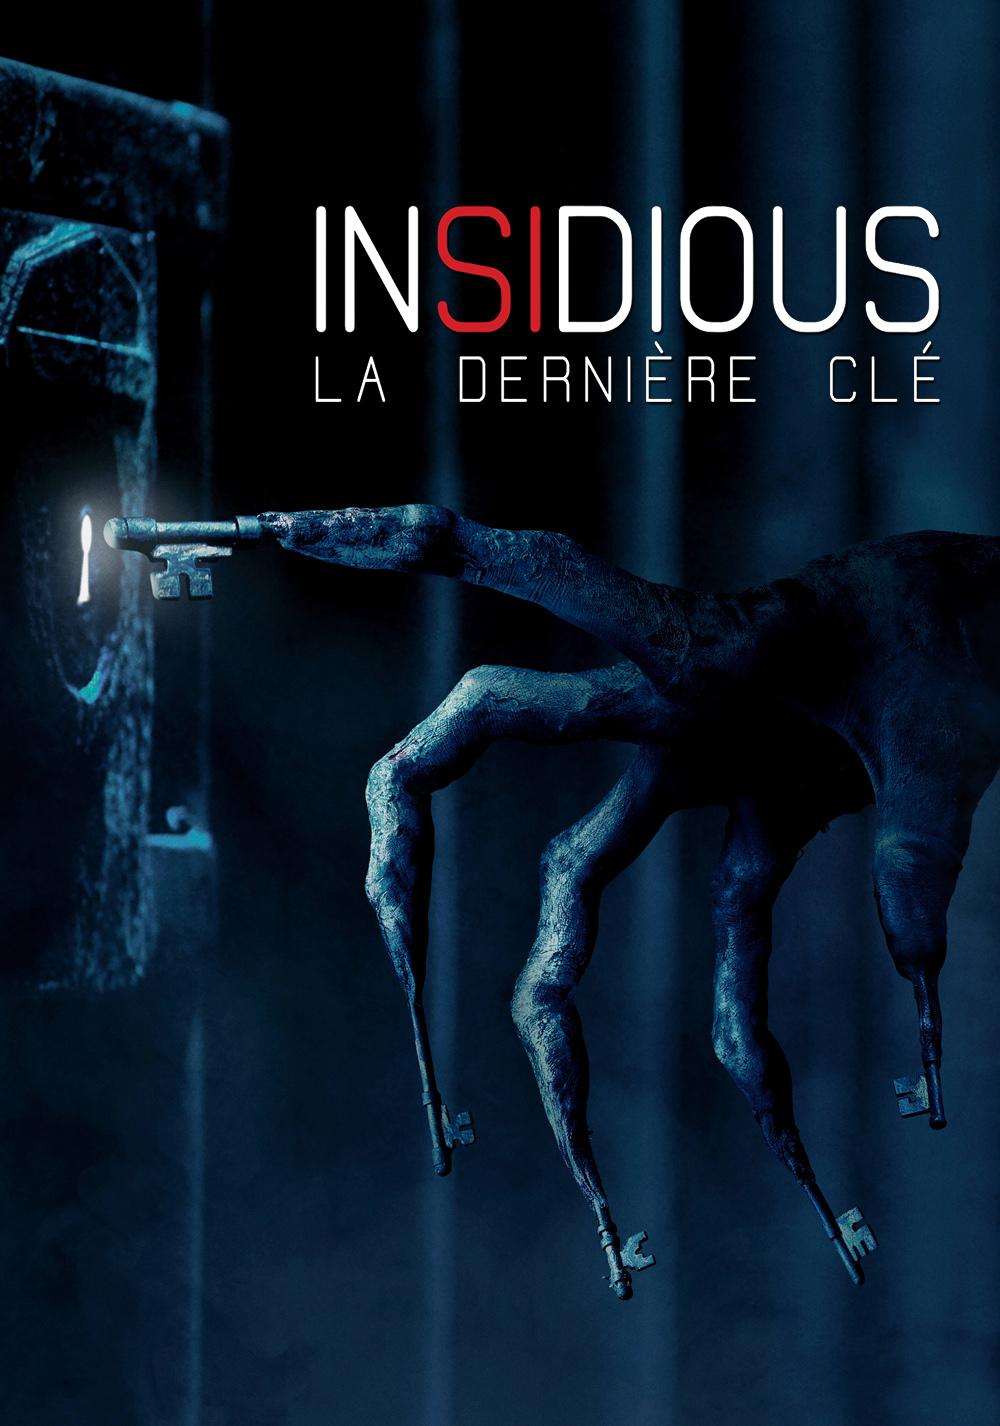 Insidious Chapter 4 Movie Fanart Fanart Tv